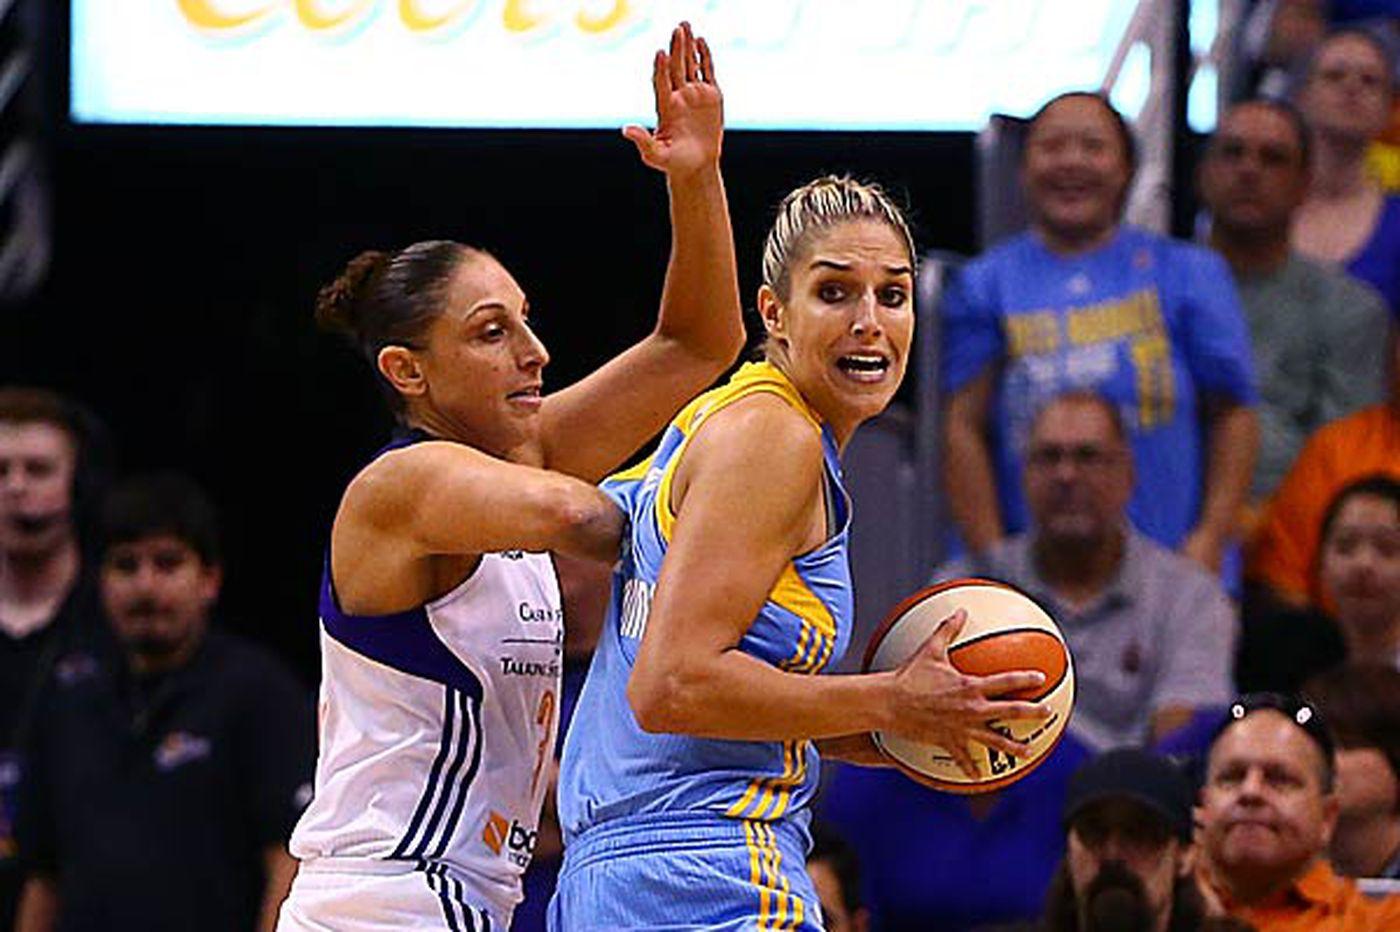 In WNBA Finals, Delle Donne's health struggles haven't ended